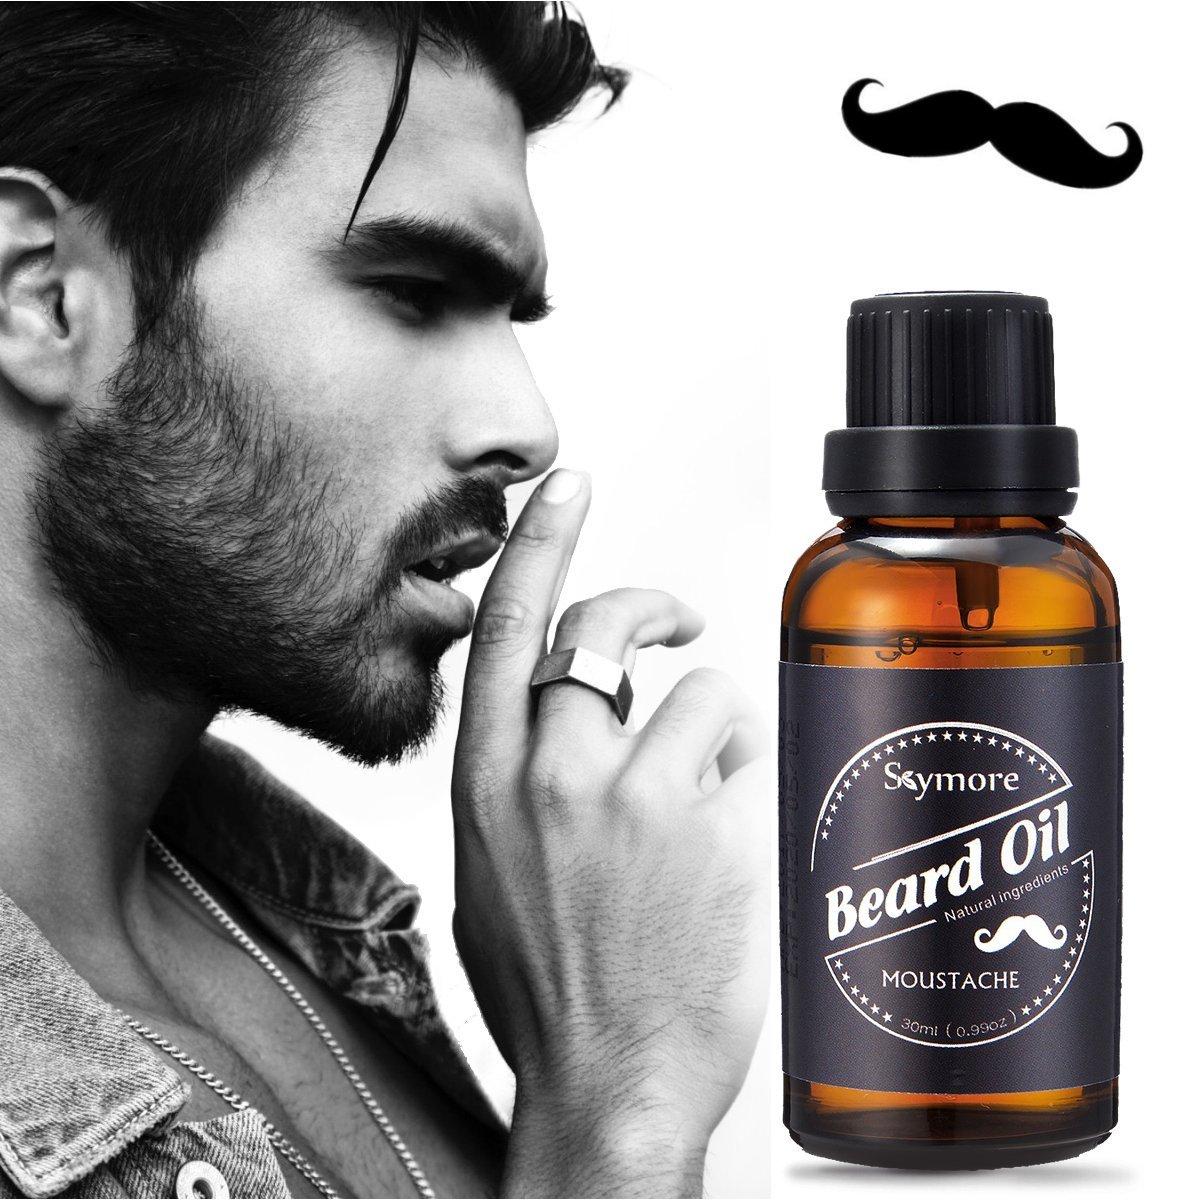 Skymore Aceite para el Cuidado de la Barba, Aceite de Barba con Ingredientes Naturales y de Alta Calidad, Hidrata la Barba, Beard Oil para Hombres, 1 Paquete (1x30 ml) Wispury